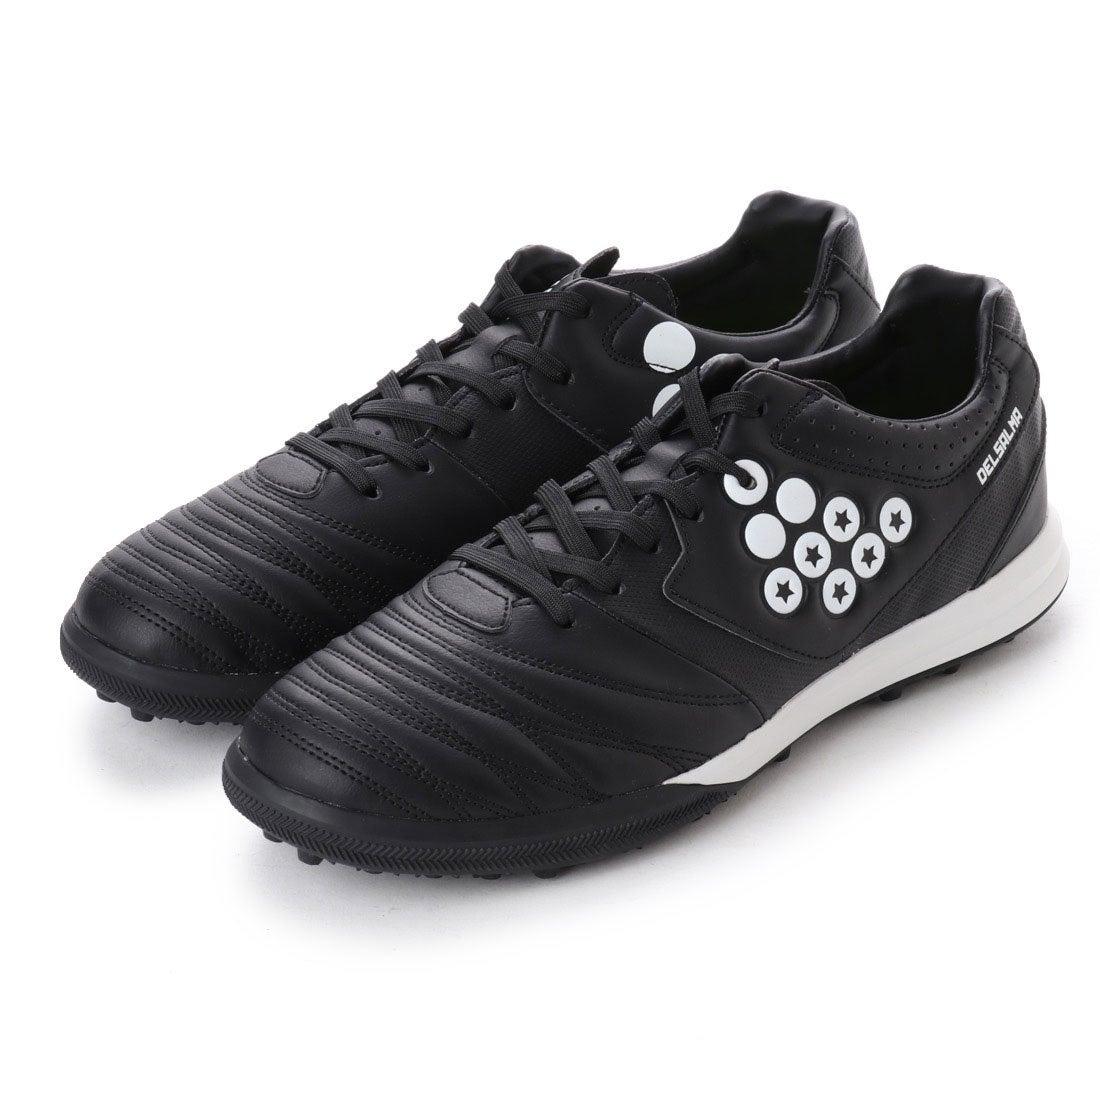 スボルメ SVOLME サッカー トレーニングシューズ デルサルマ-4 TF 181-69862